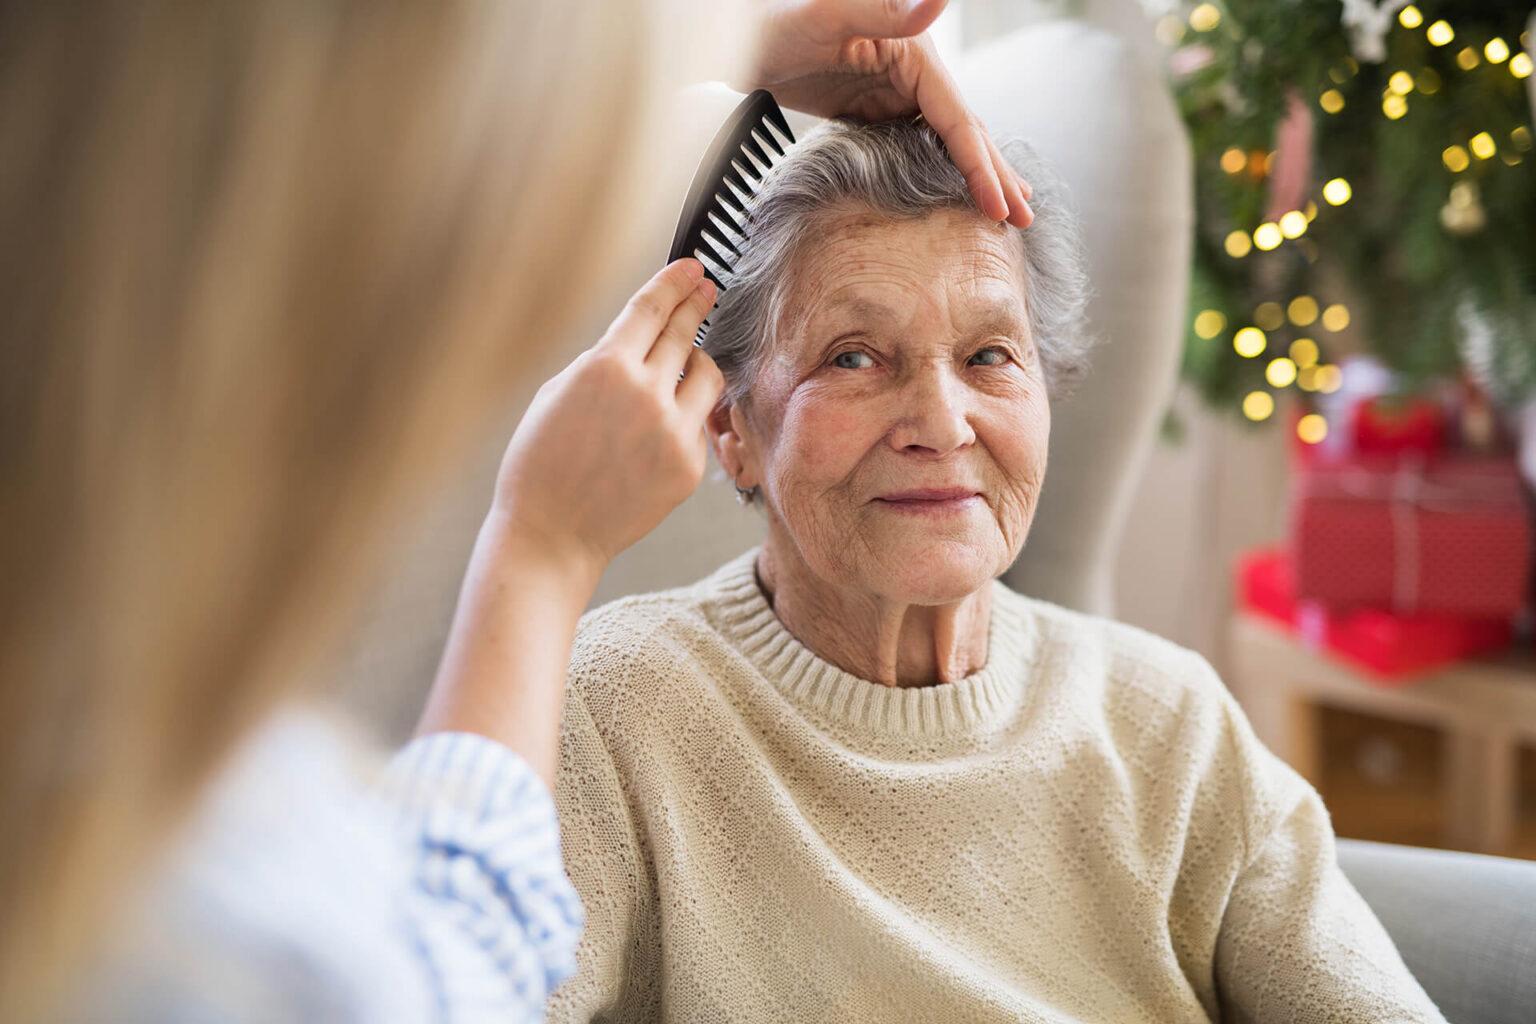 Frau bei der 24 Stunden Betreuung & Pflege hilft Anbieter zu suchen